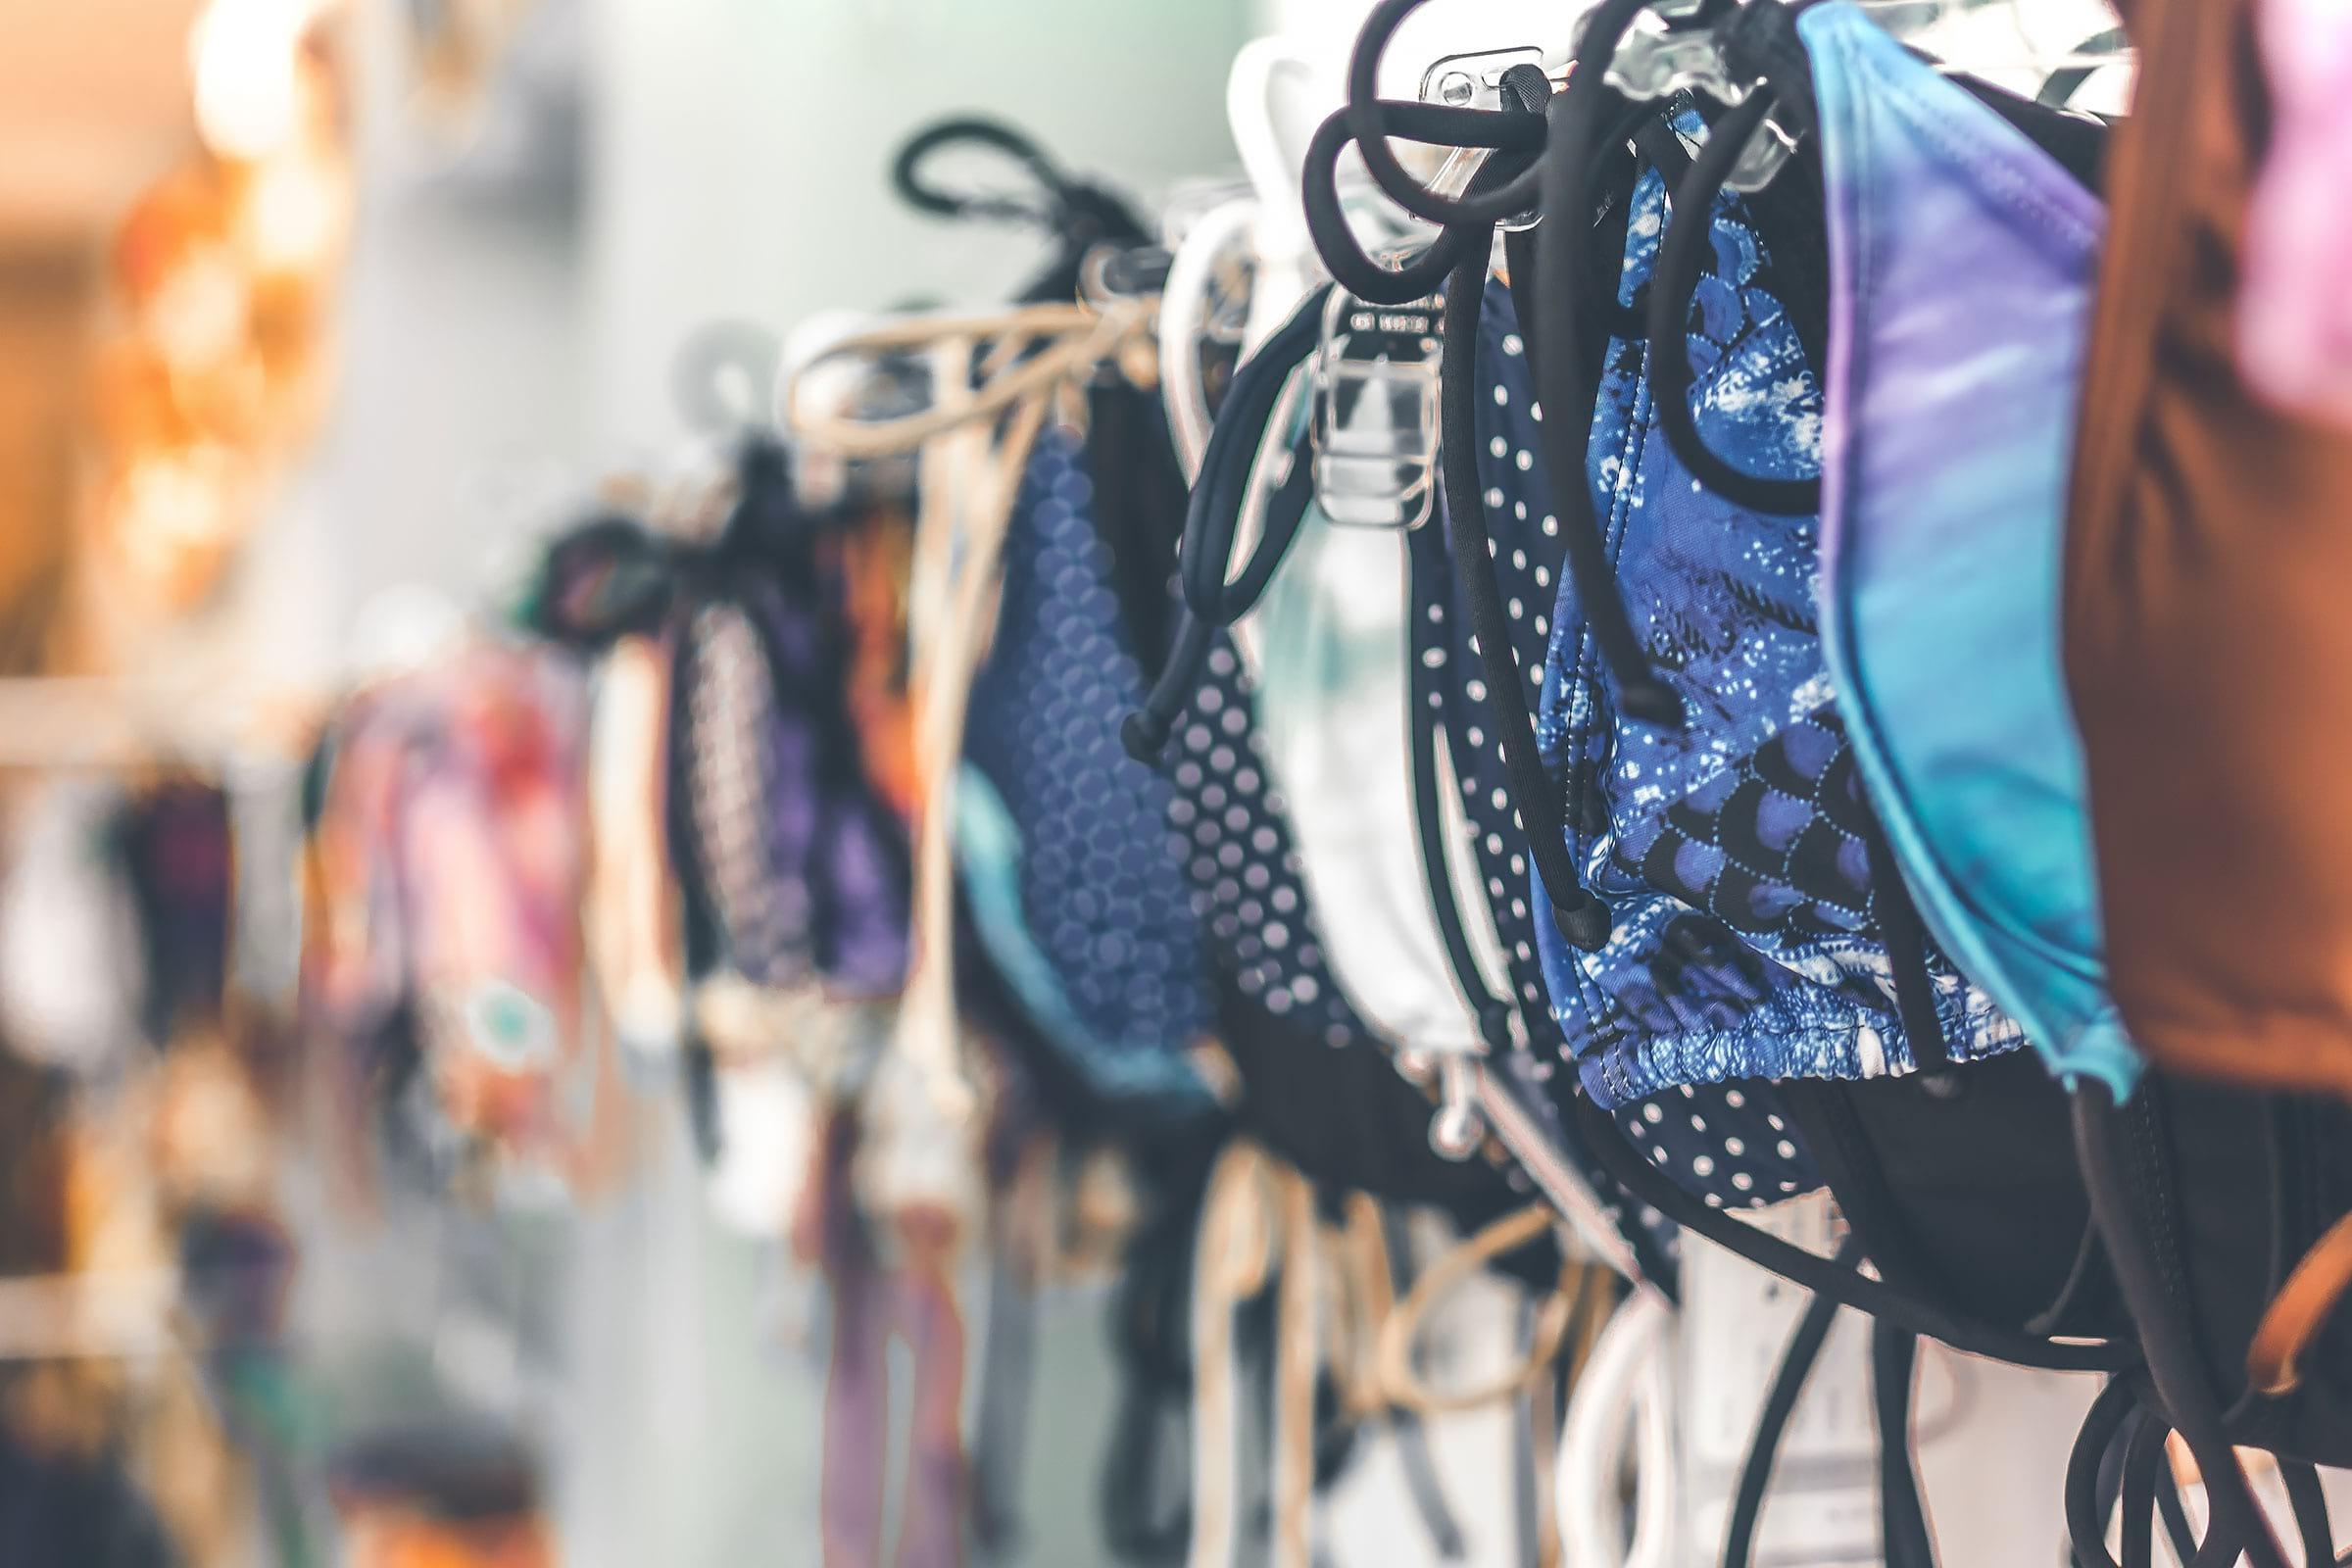 Underkläder i Malmö – här hittar du de bästa butikerna